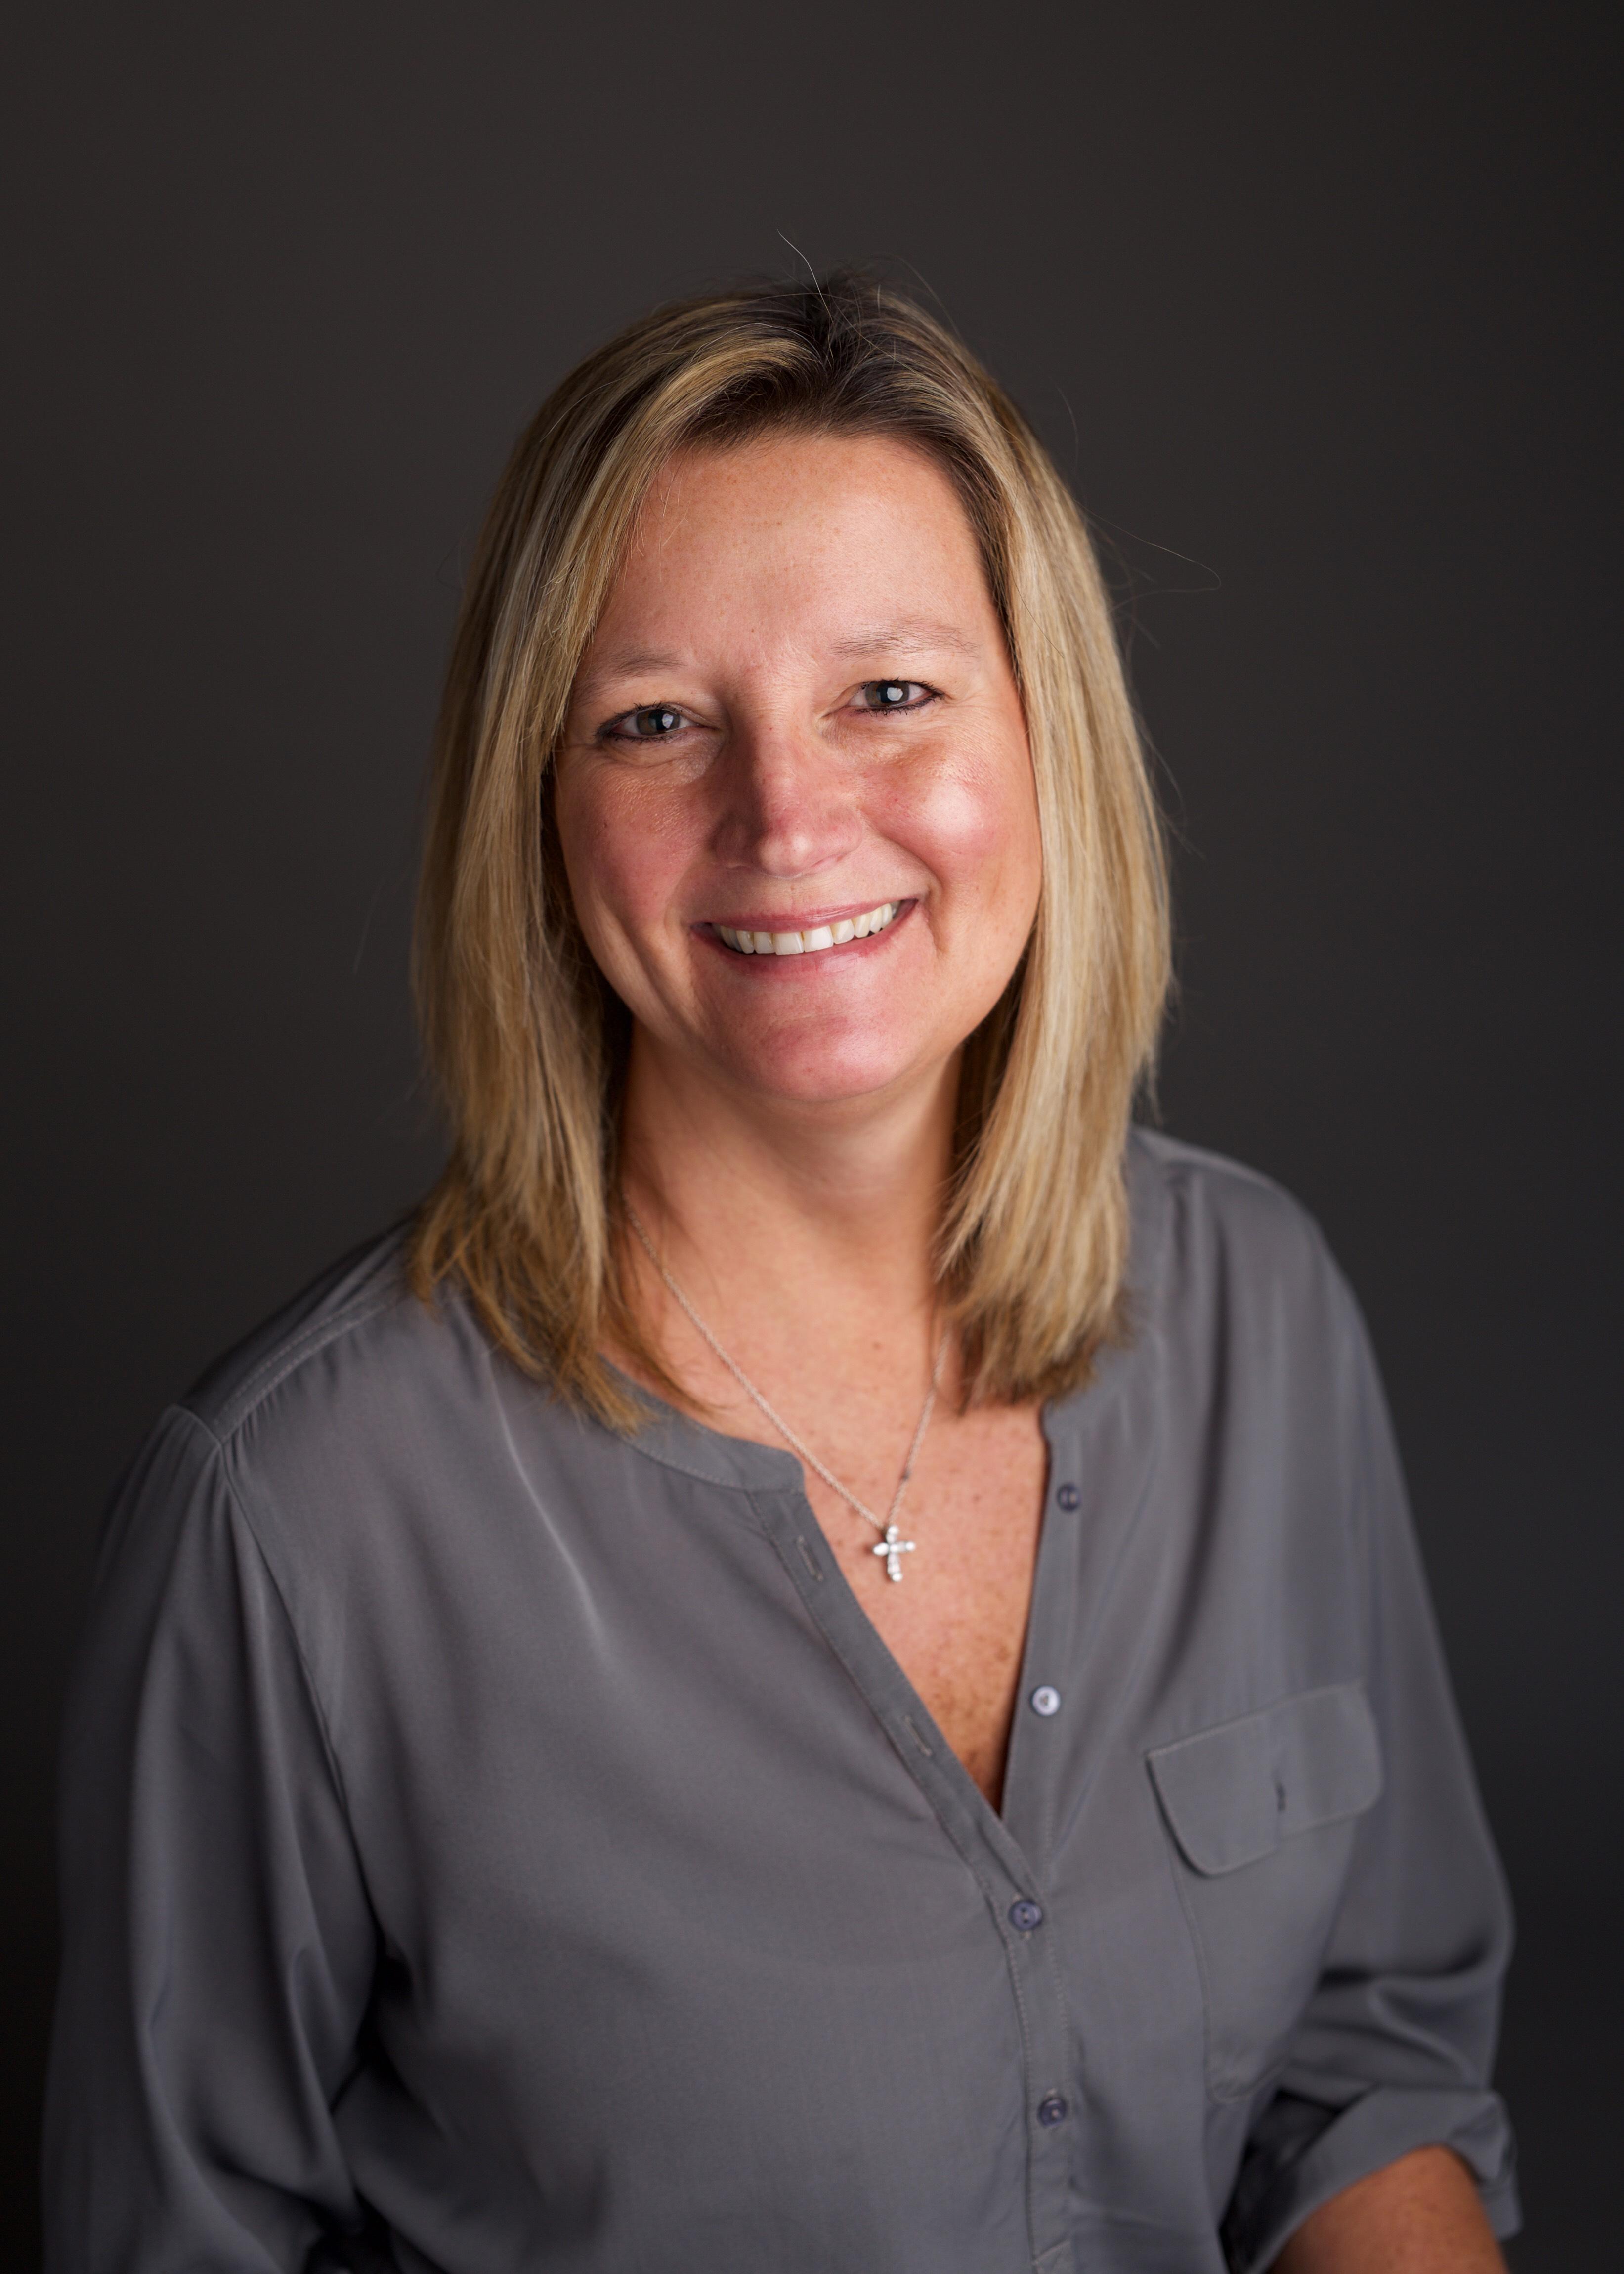 Julie Cummins